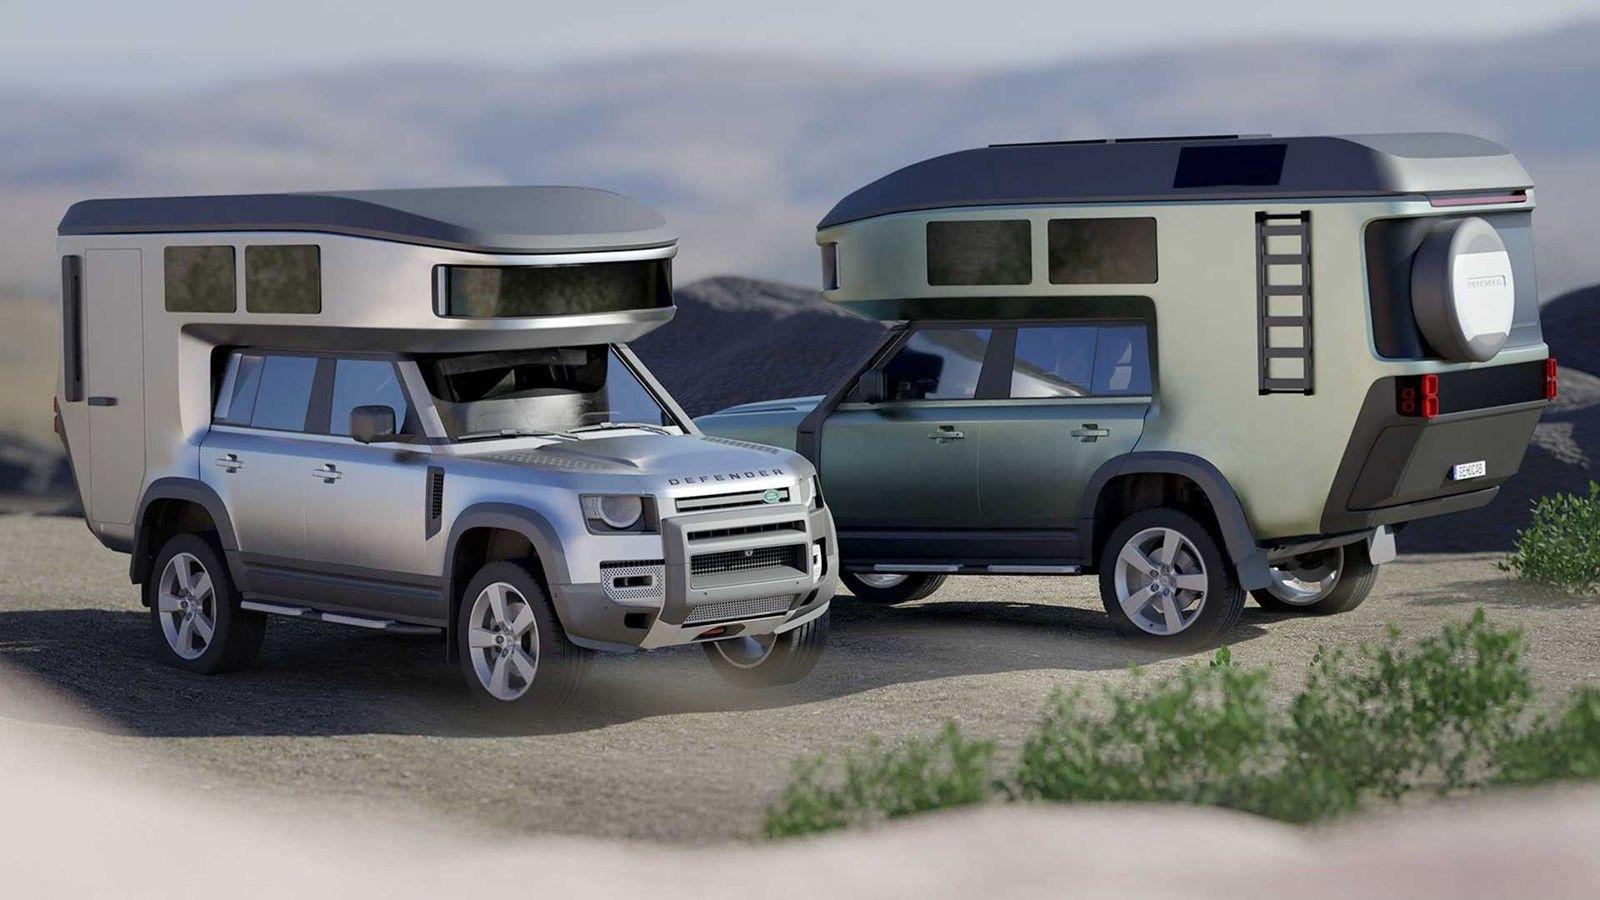 Gehocab Convierte A Tu 4x4 En La Mas Completa Y Moderna Autocaravana Off Road